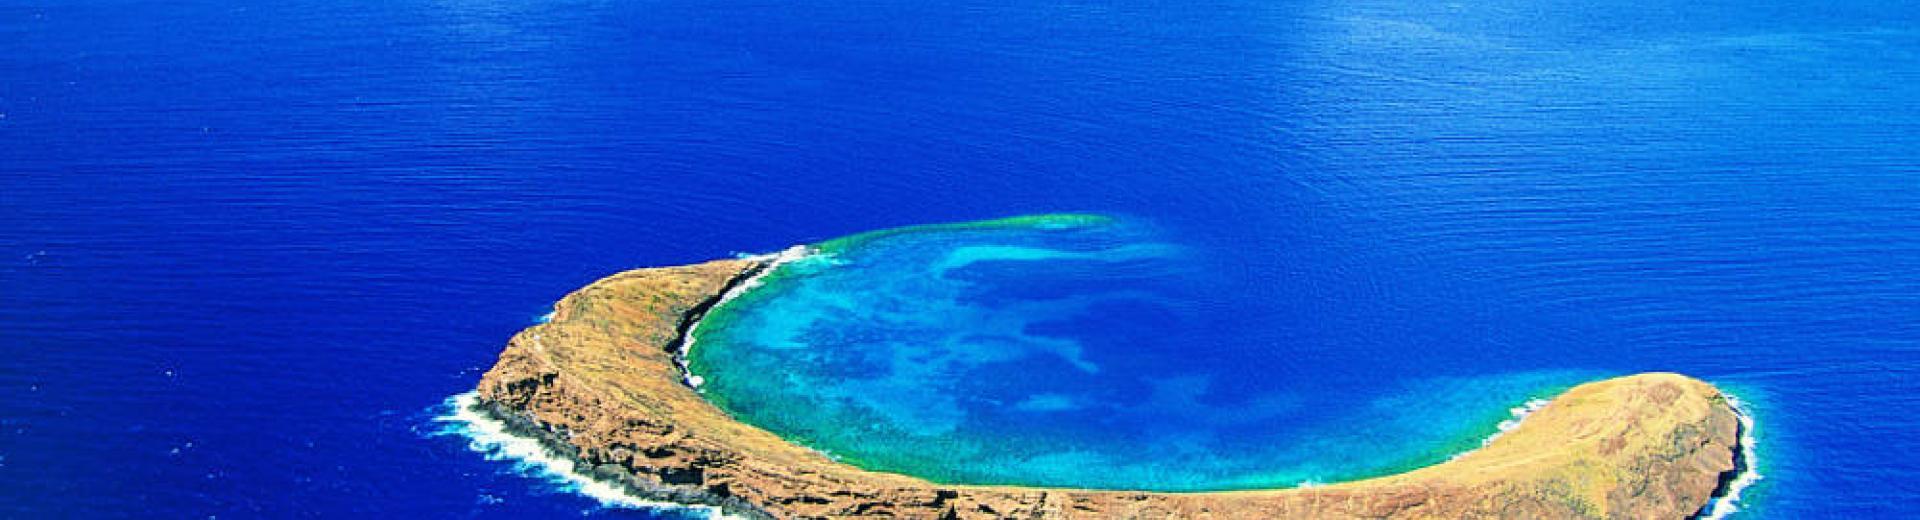 Hawaii molokini getty